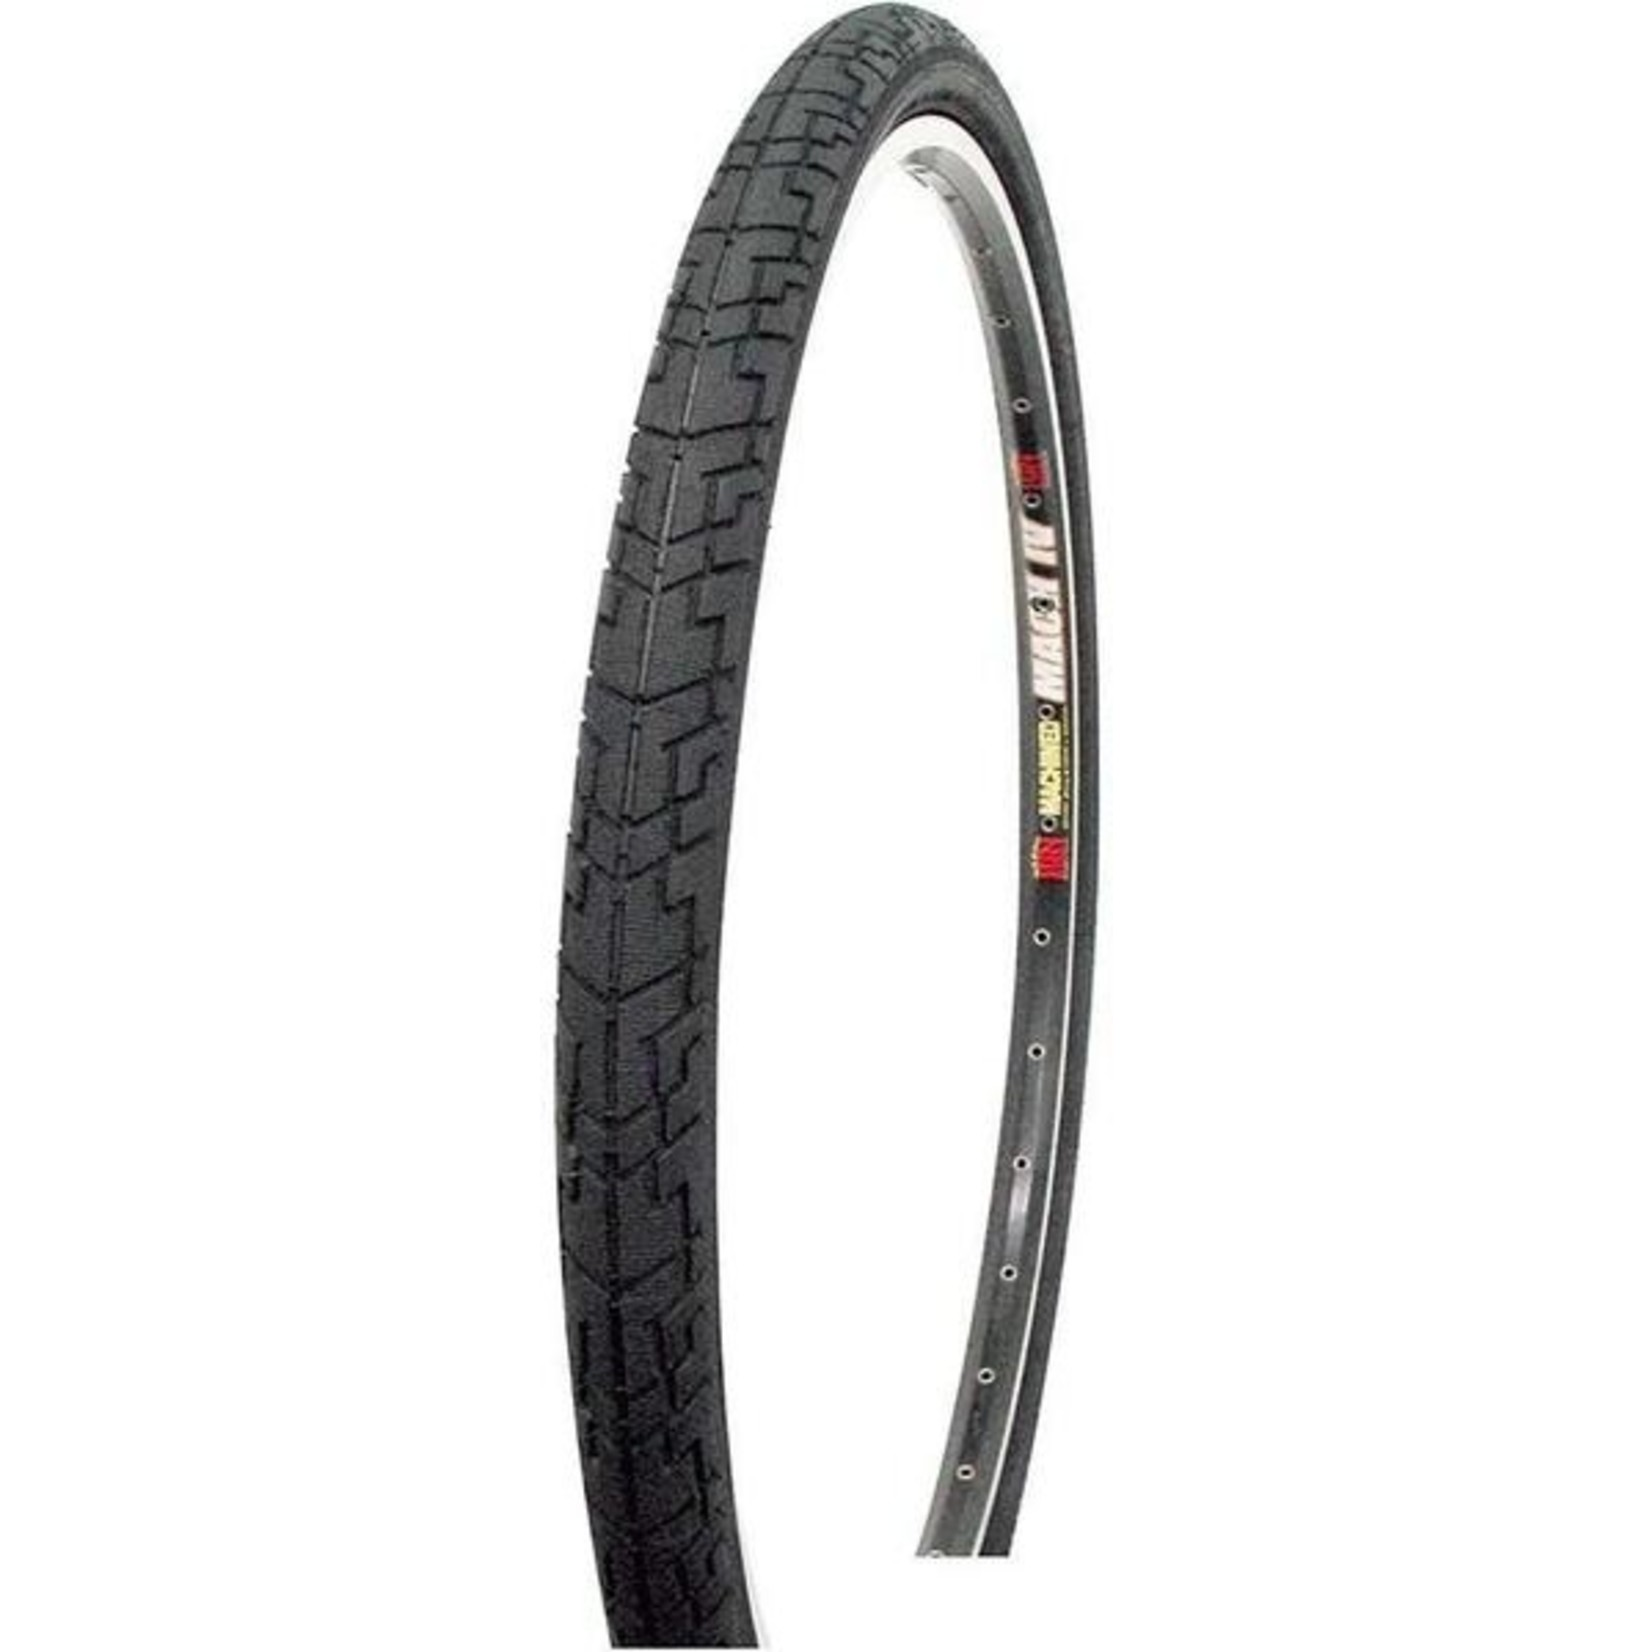 Vee Rubber Nimbus 700x35c Wire Bead Tire